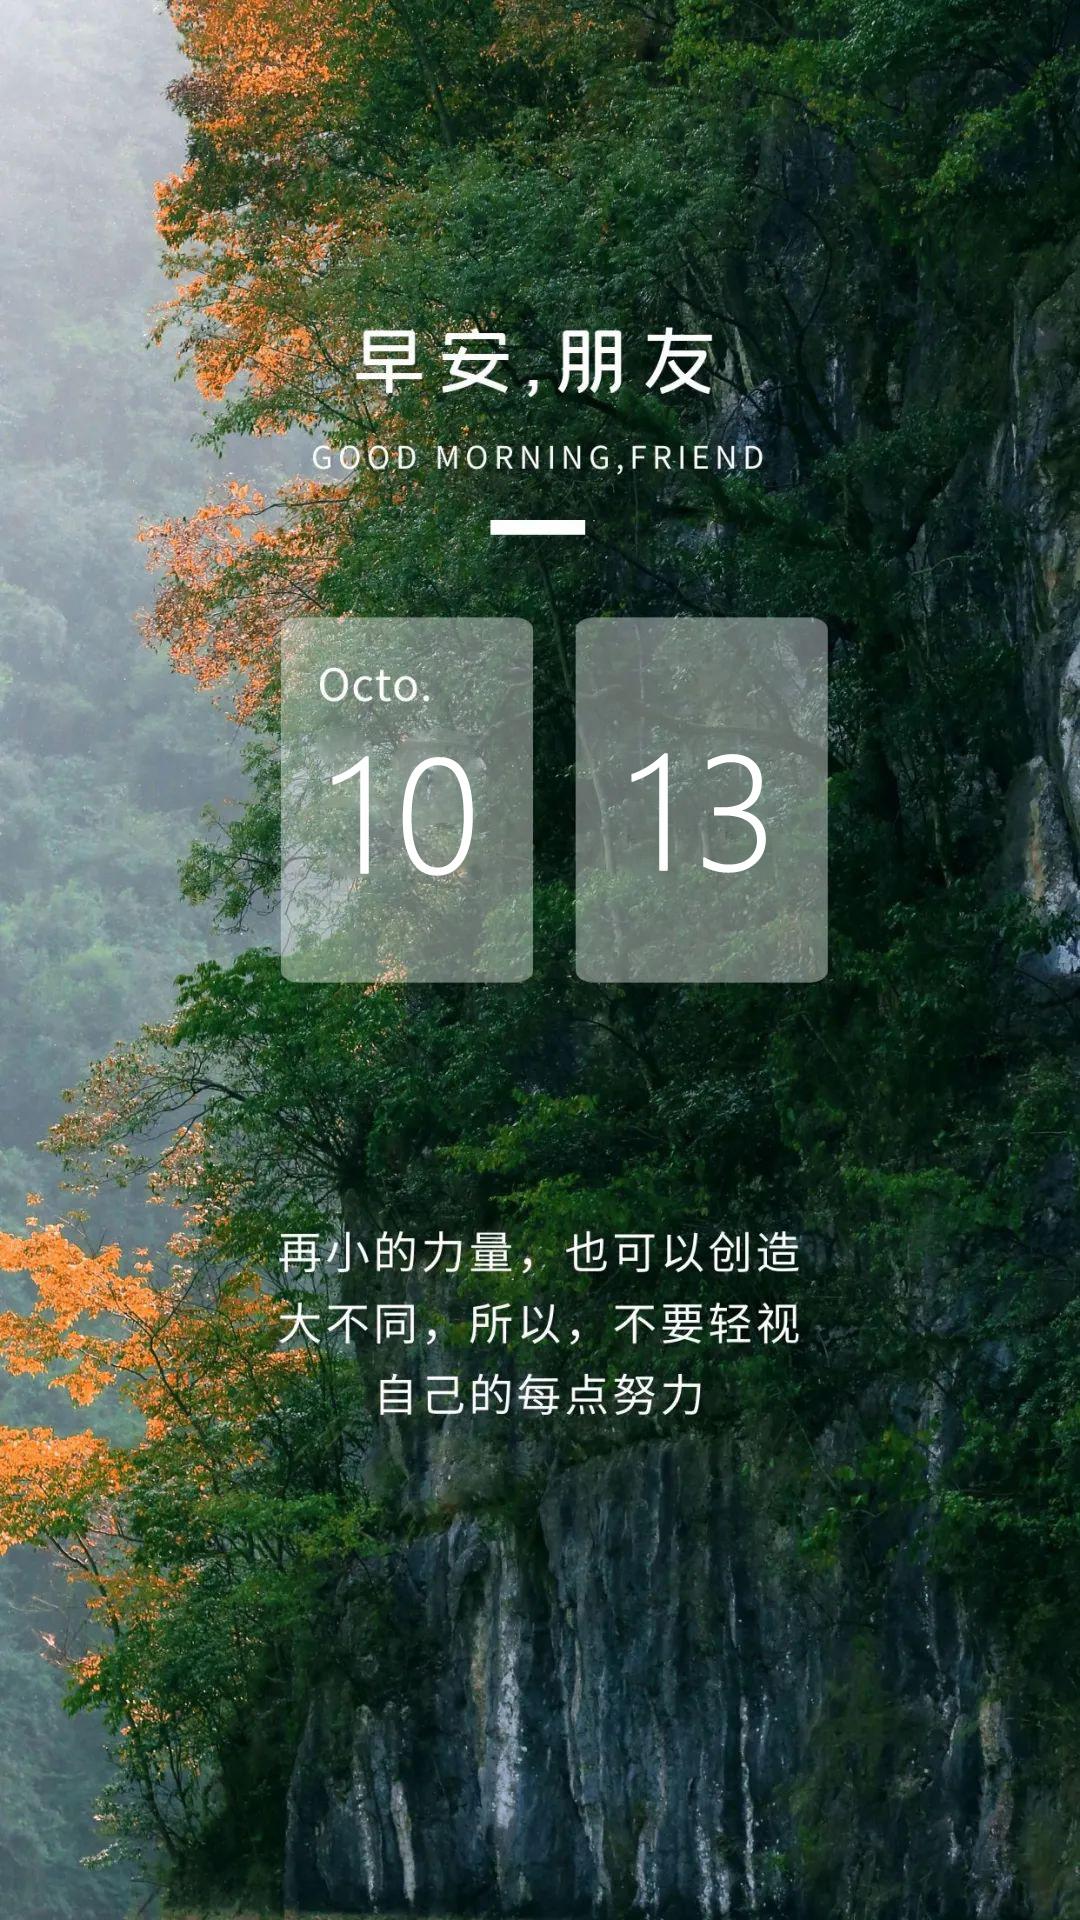 周二早晨好阳光激励图片文字:一想二干三成功,一等二看三落空